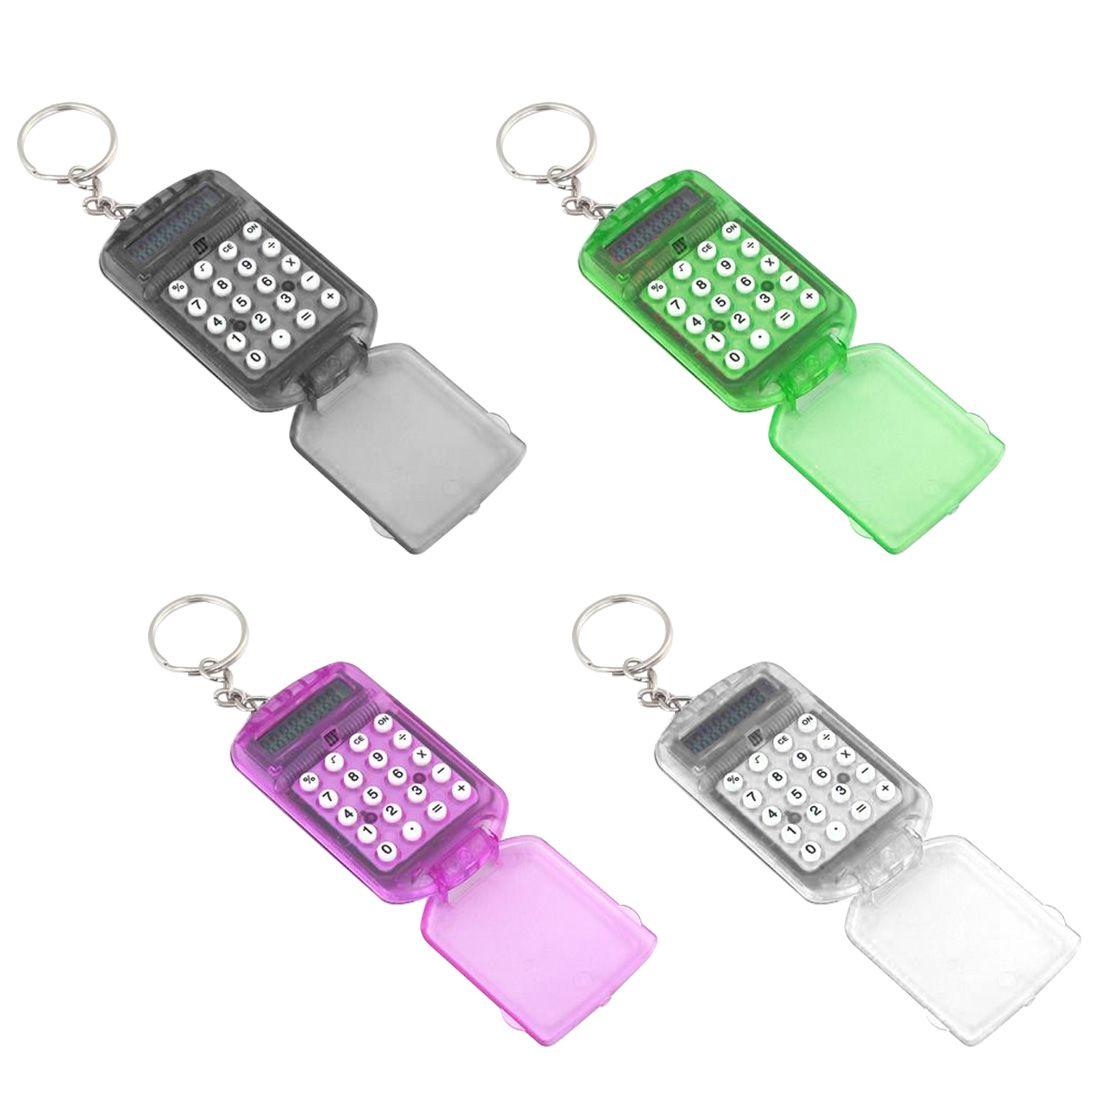 Новый серый жесткий пластиковый корпус 8 цифр электронный мини-калькулятор с брелок случайный цвет FFTY7